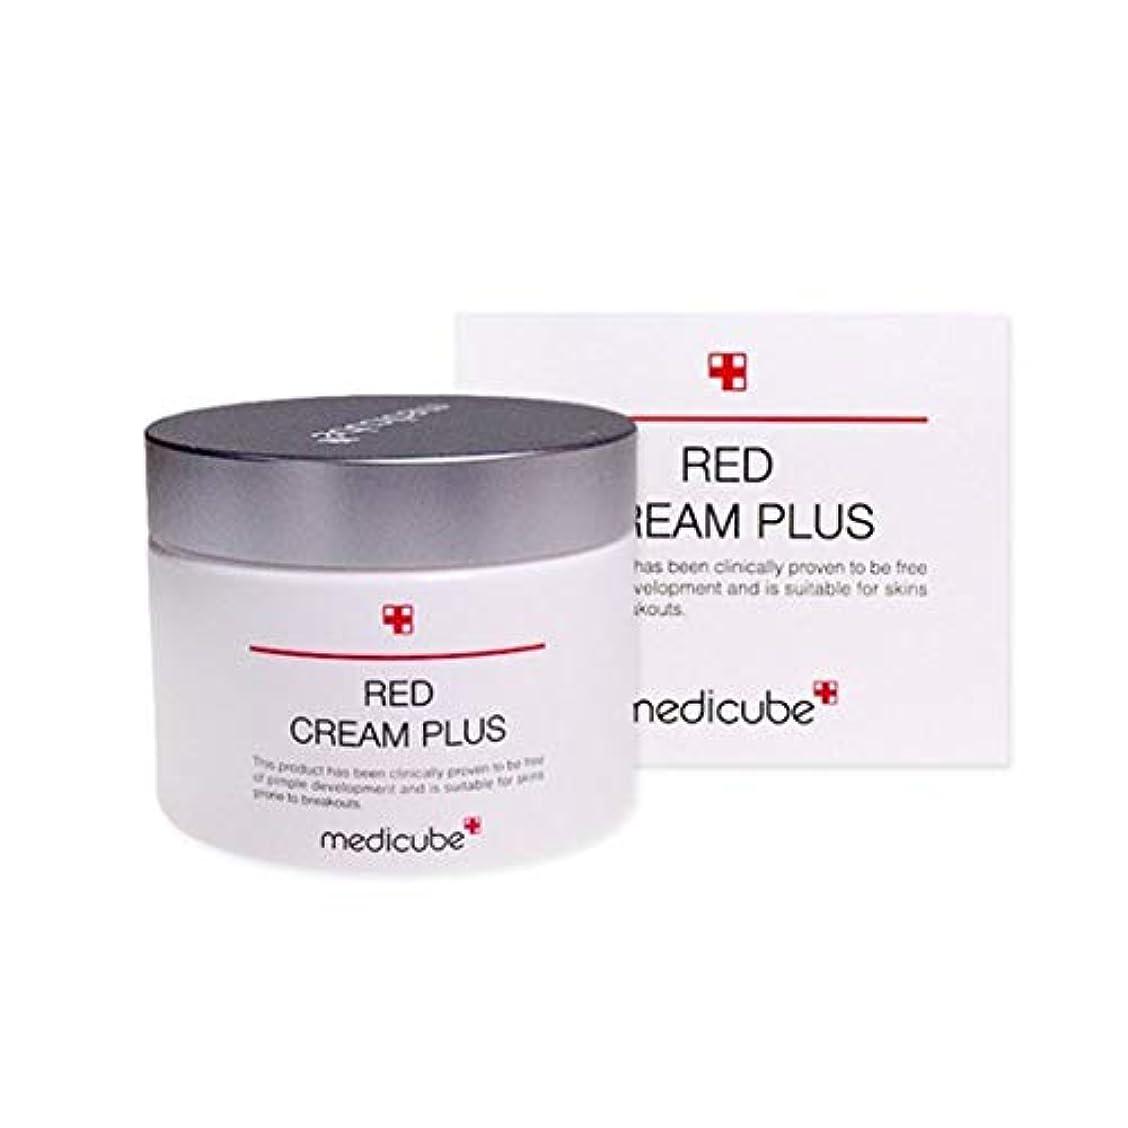 突き刺す隔離する滑るメディキューブレッドクリームプラス100ml韓国コスメ、Medicube Red Cream Plus 100ml Korean Cosmetics [並行輸入品]